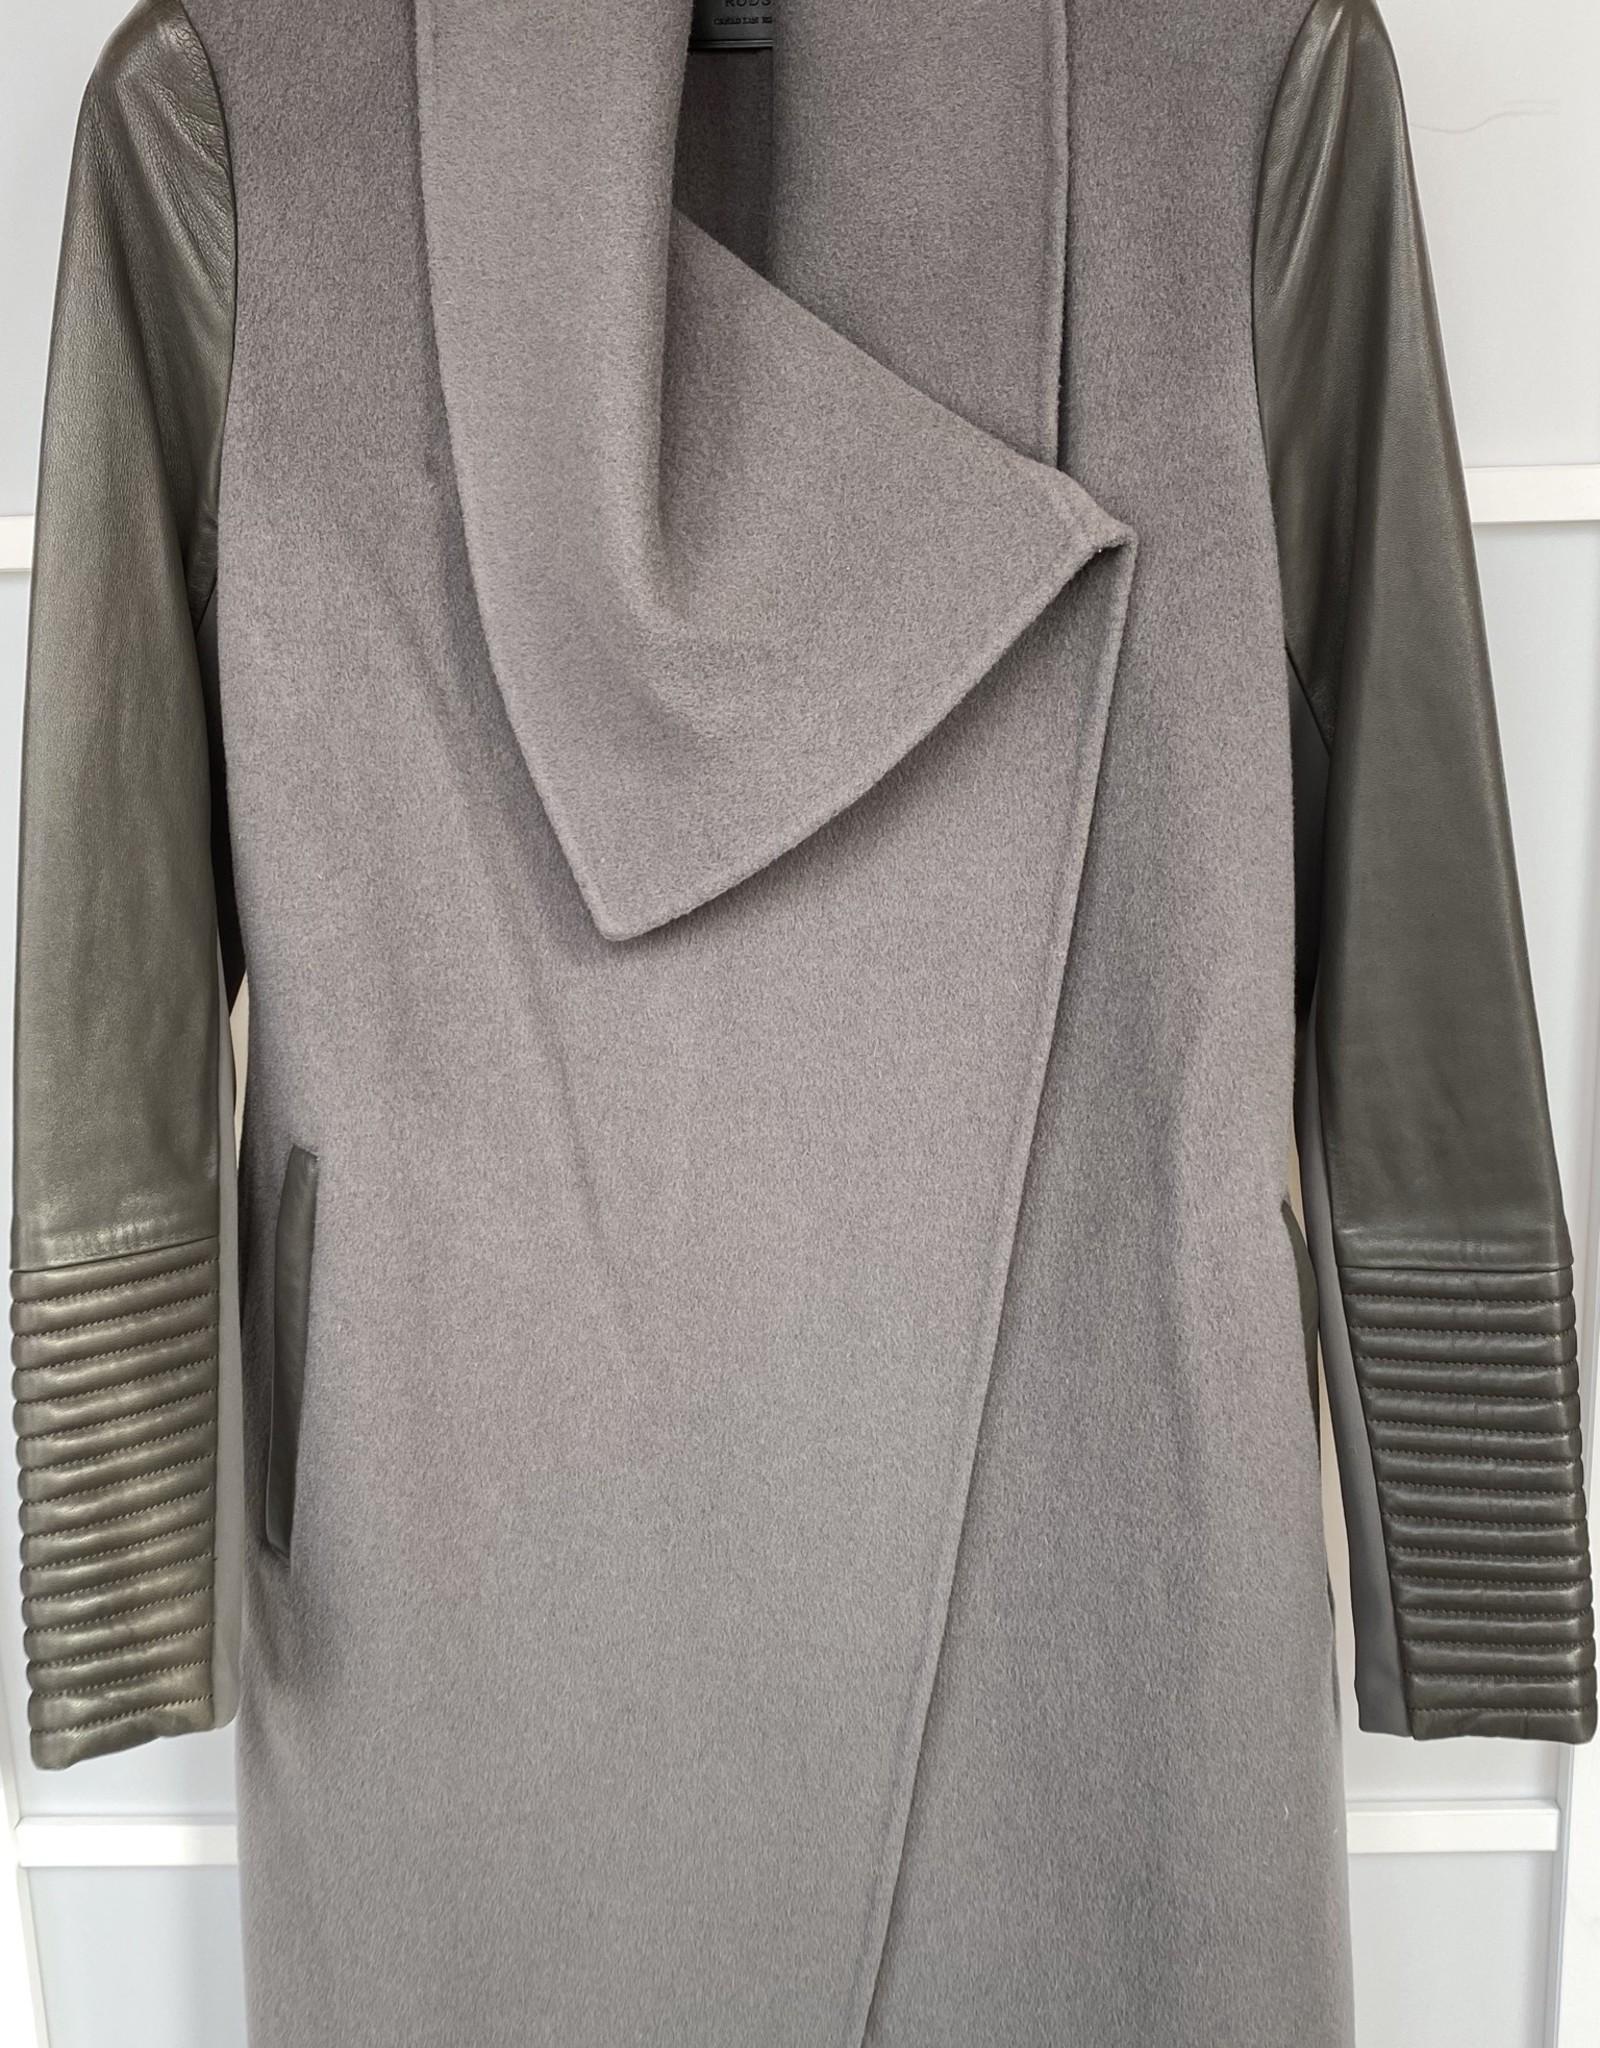 Rudsak Rudsak TAPLIN Coat - Elephant Grey